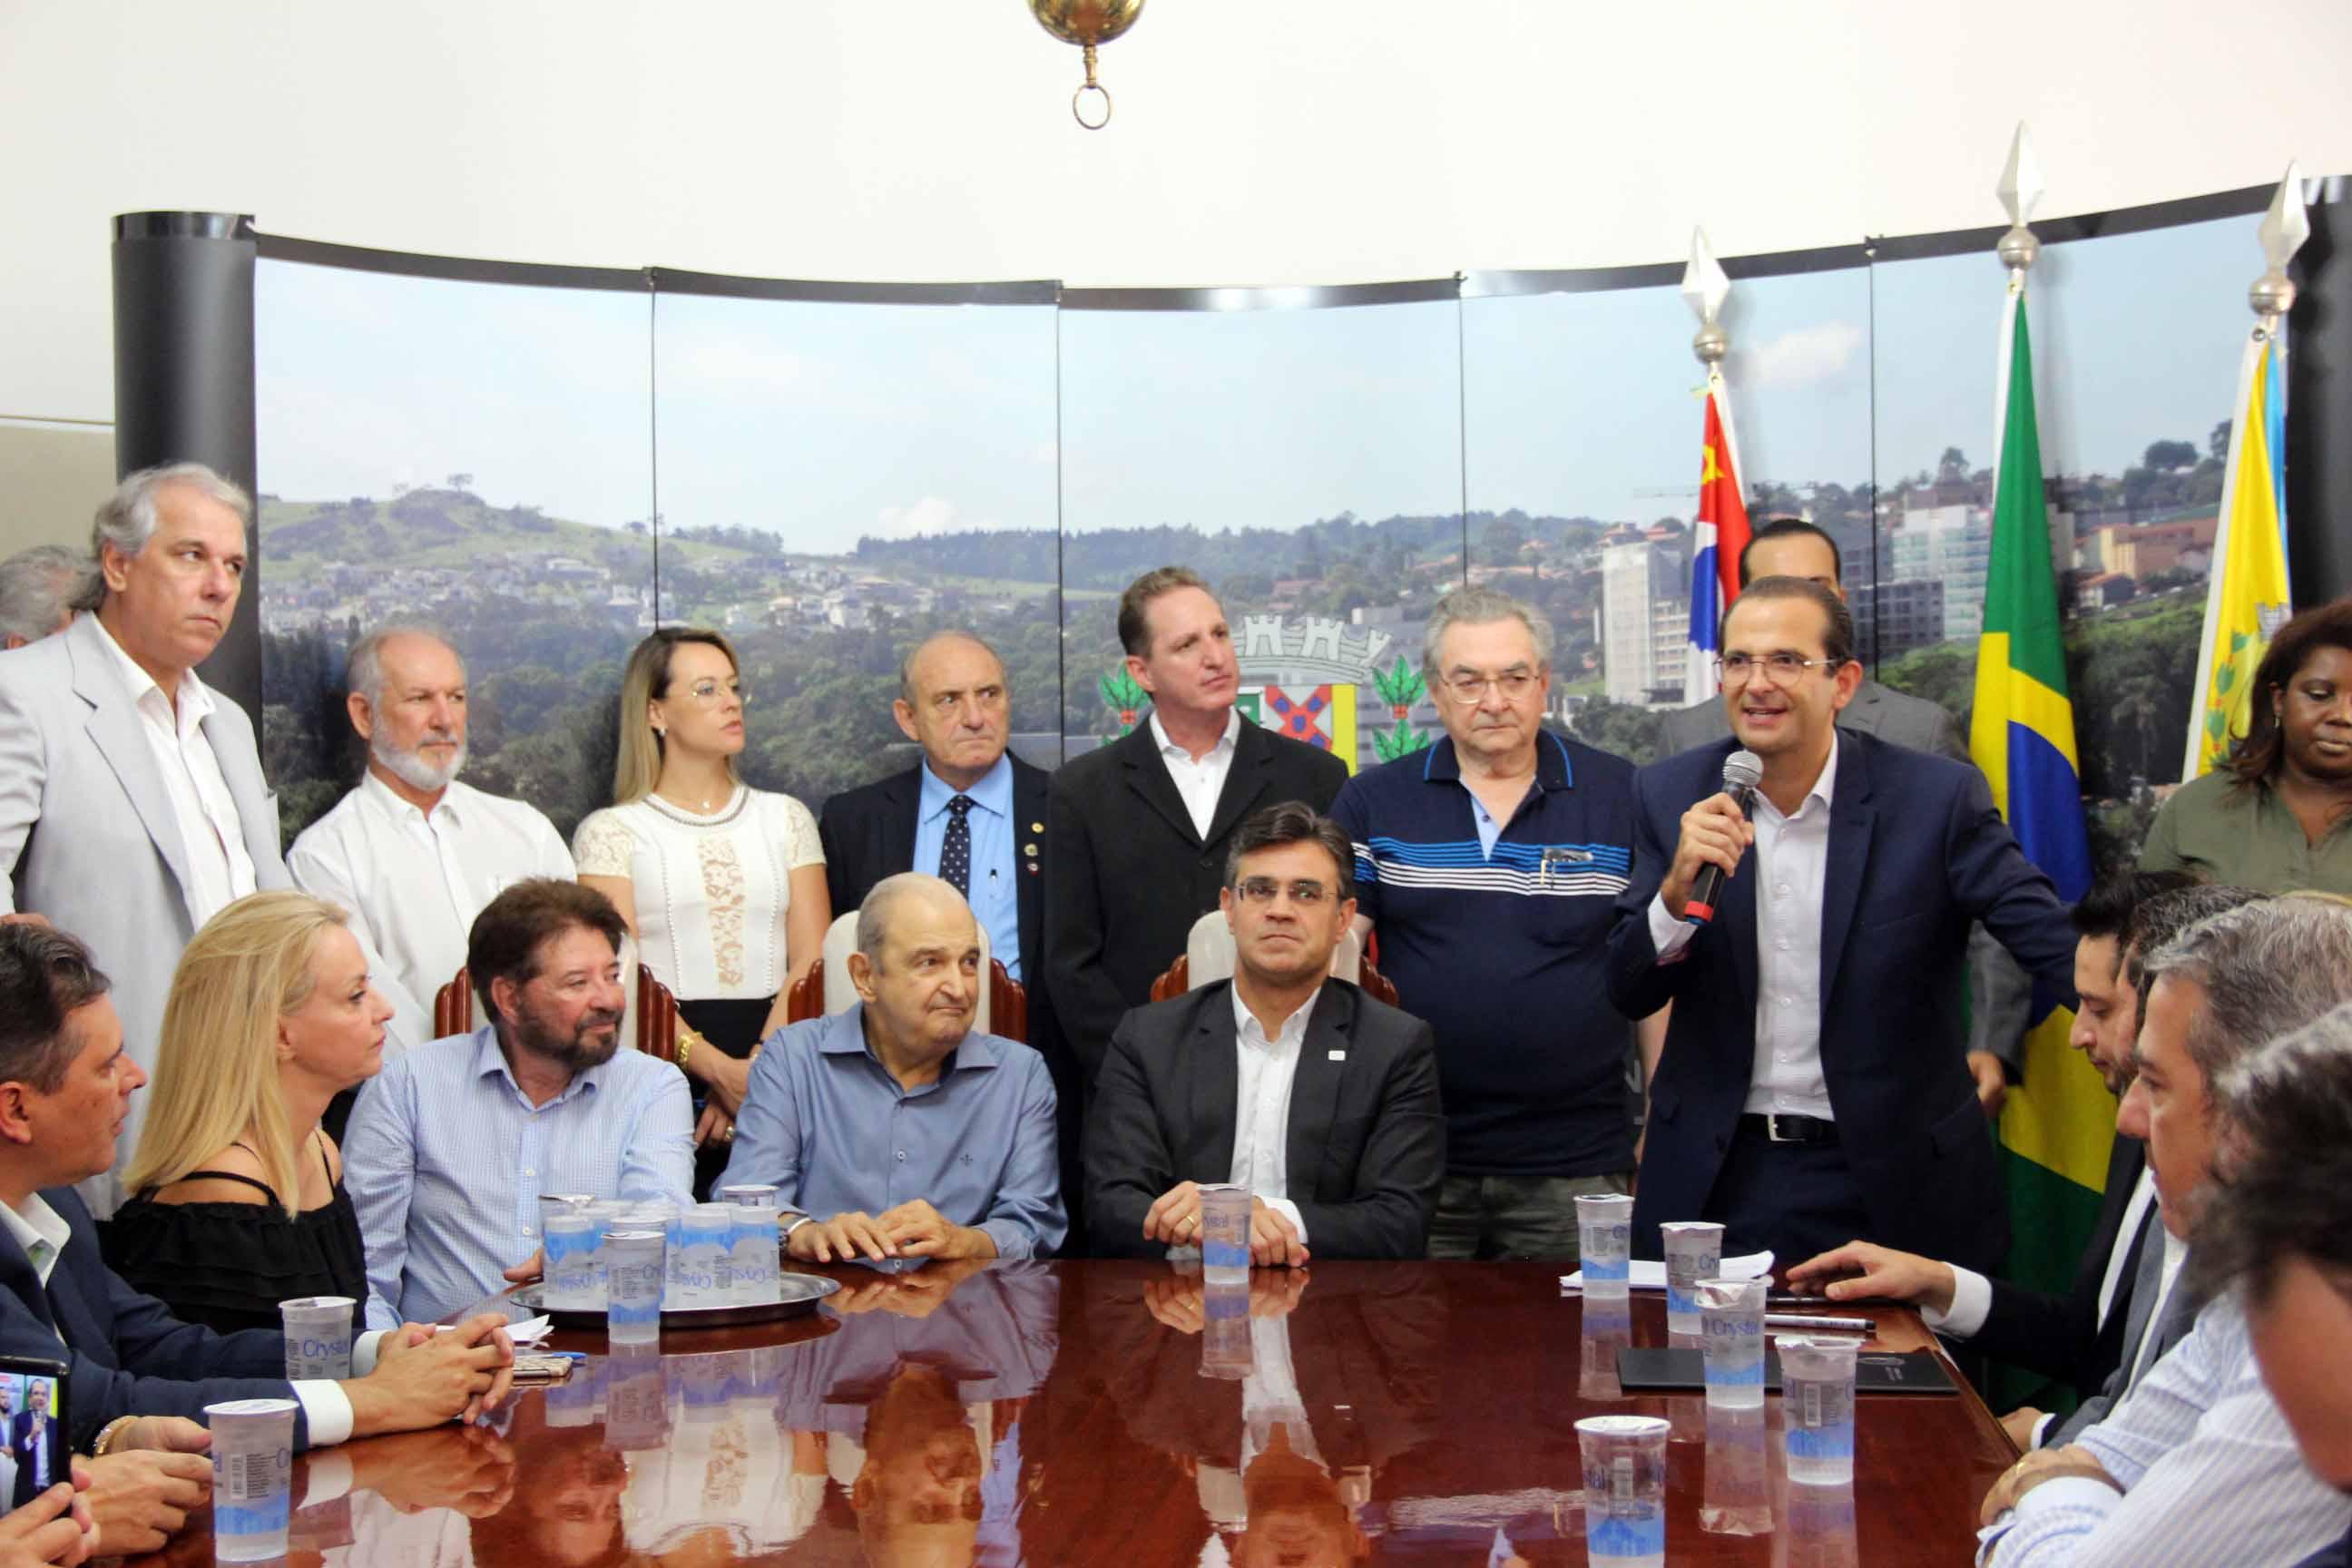 22.01.2020 Evento no Gabinete Governador em Exercicio Rodrigo Garcia